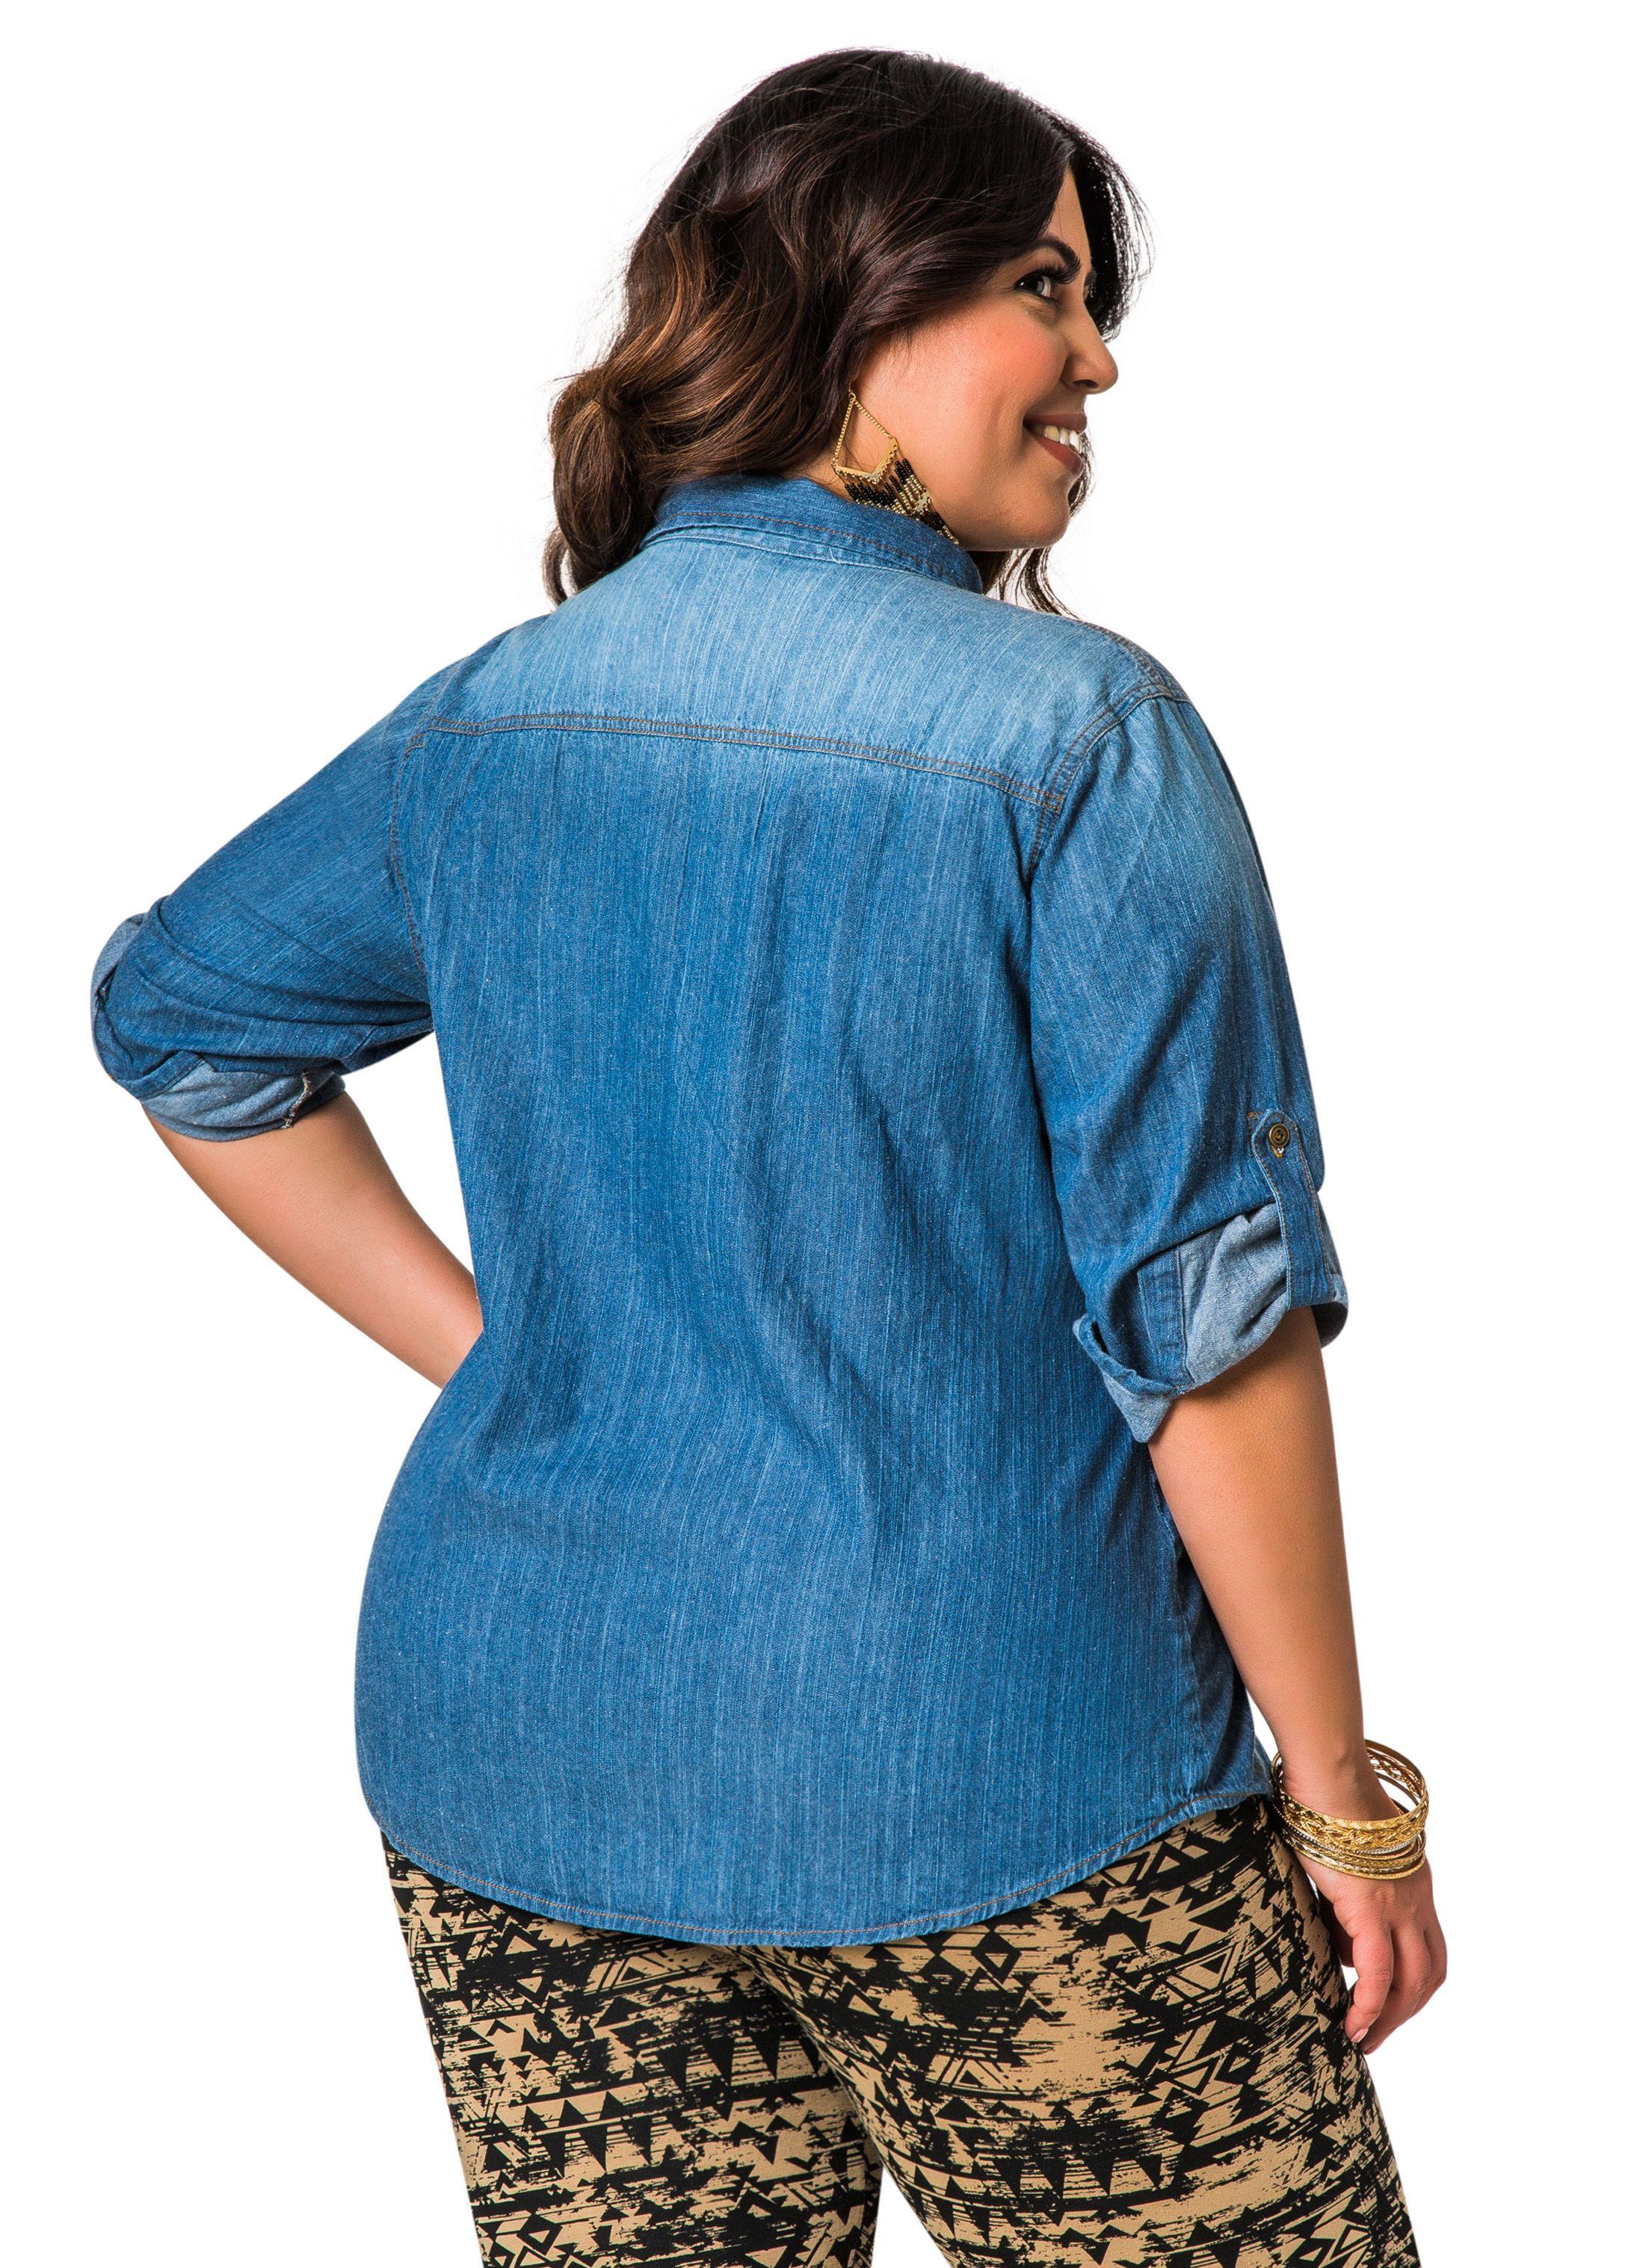 6b573da564e Zip Pocket Denim Shirt - Ashley Stewart Plus Size Blouses